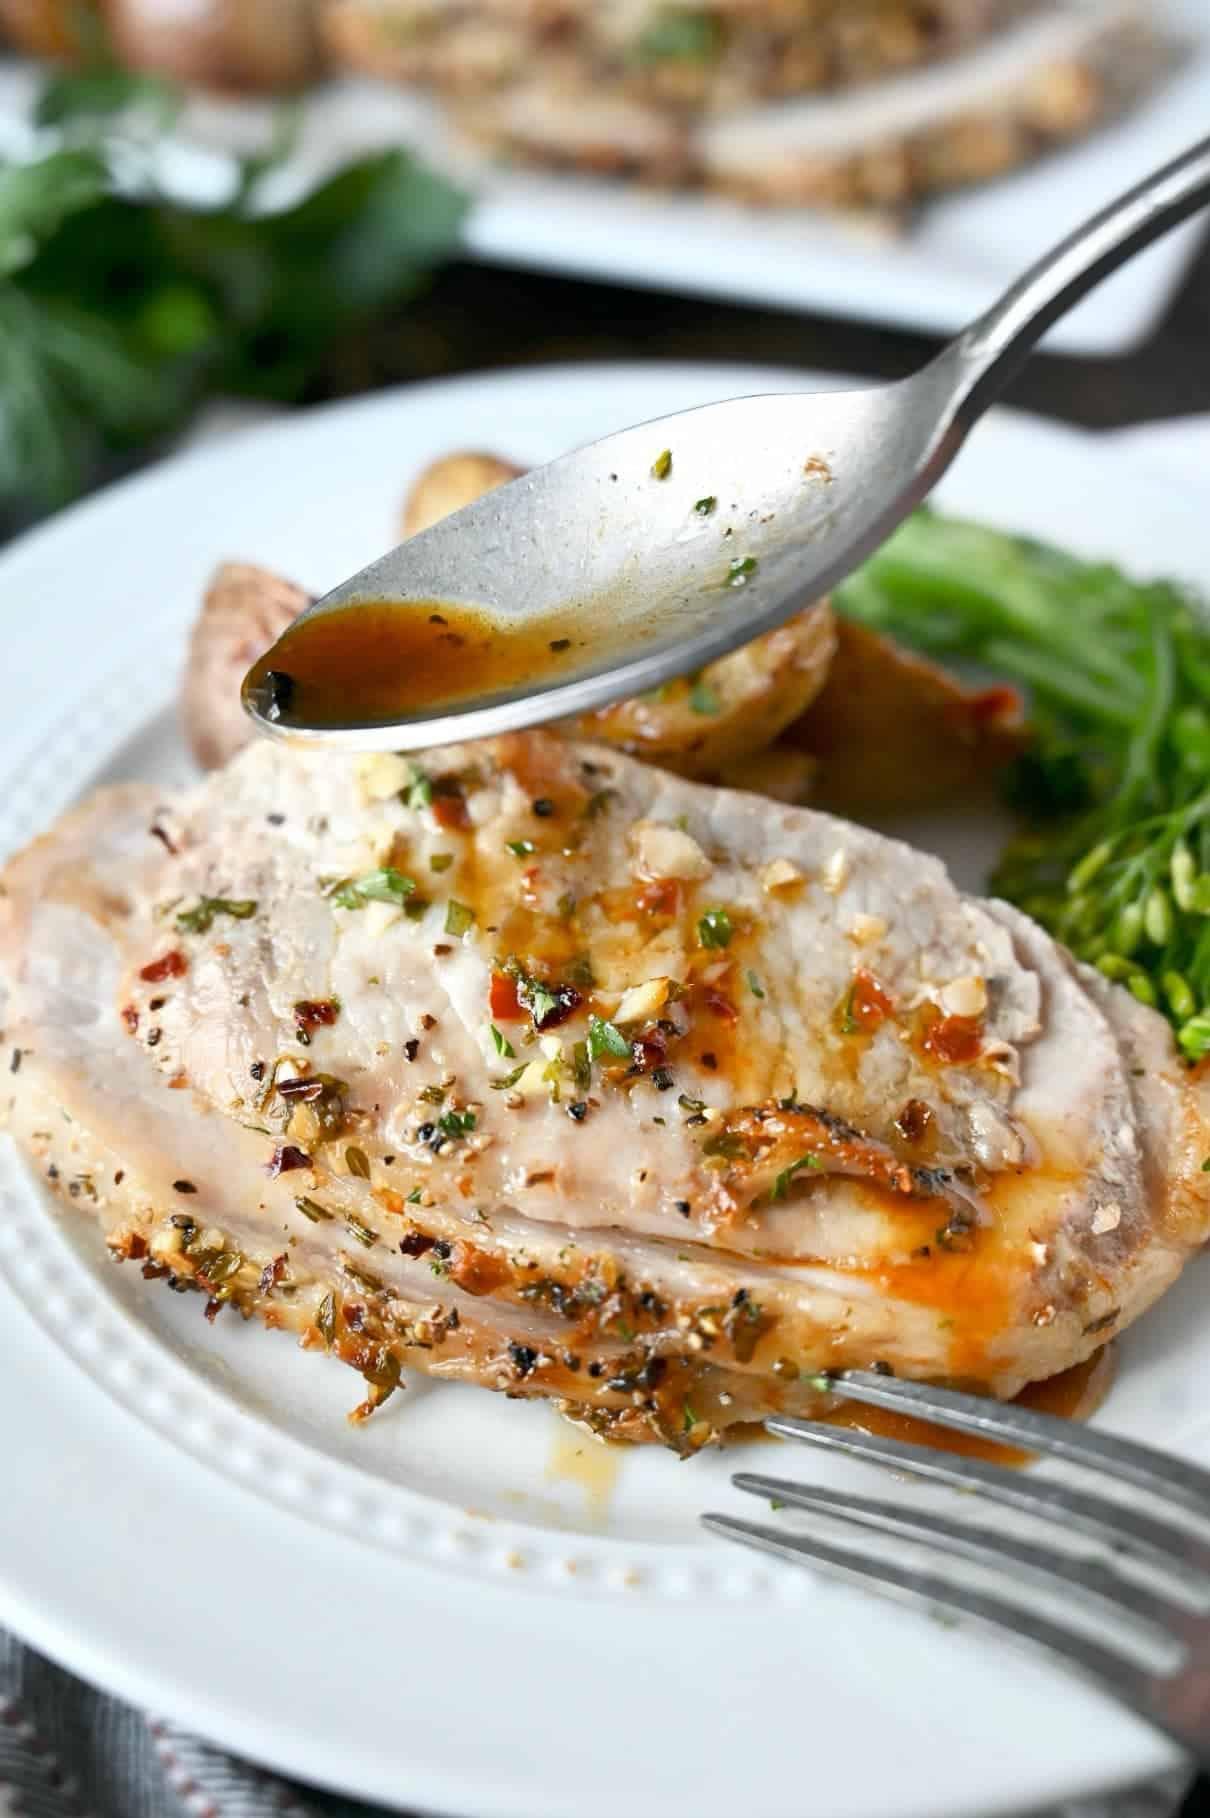 O felie de filet de porc într-o crustă de ierburi pe o farfurie albă cu broccoli și cartofi prăjiți.